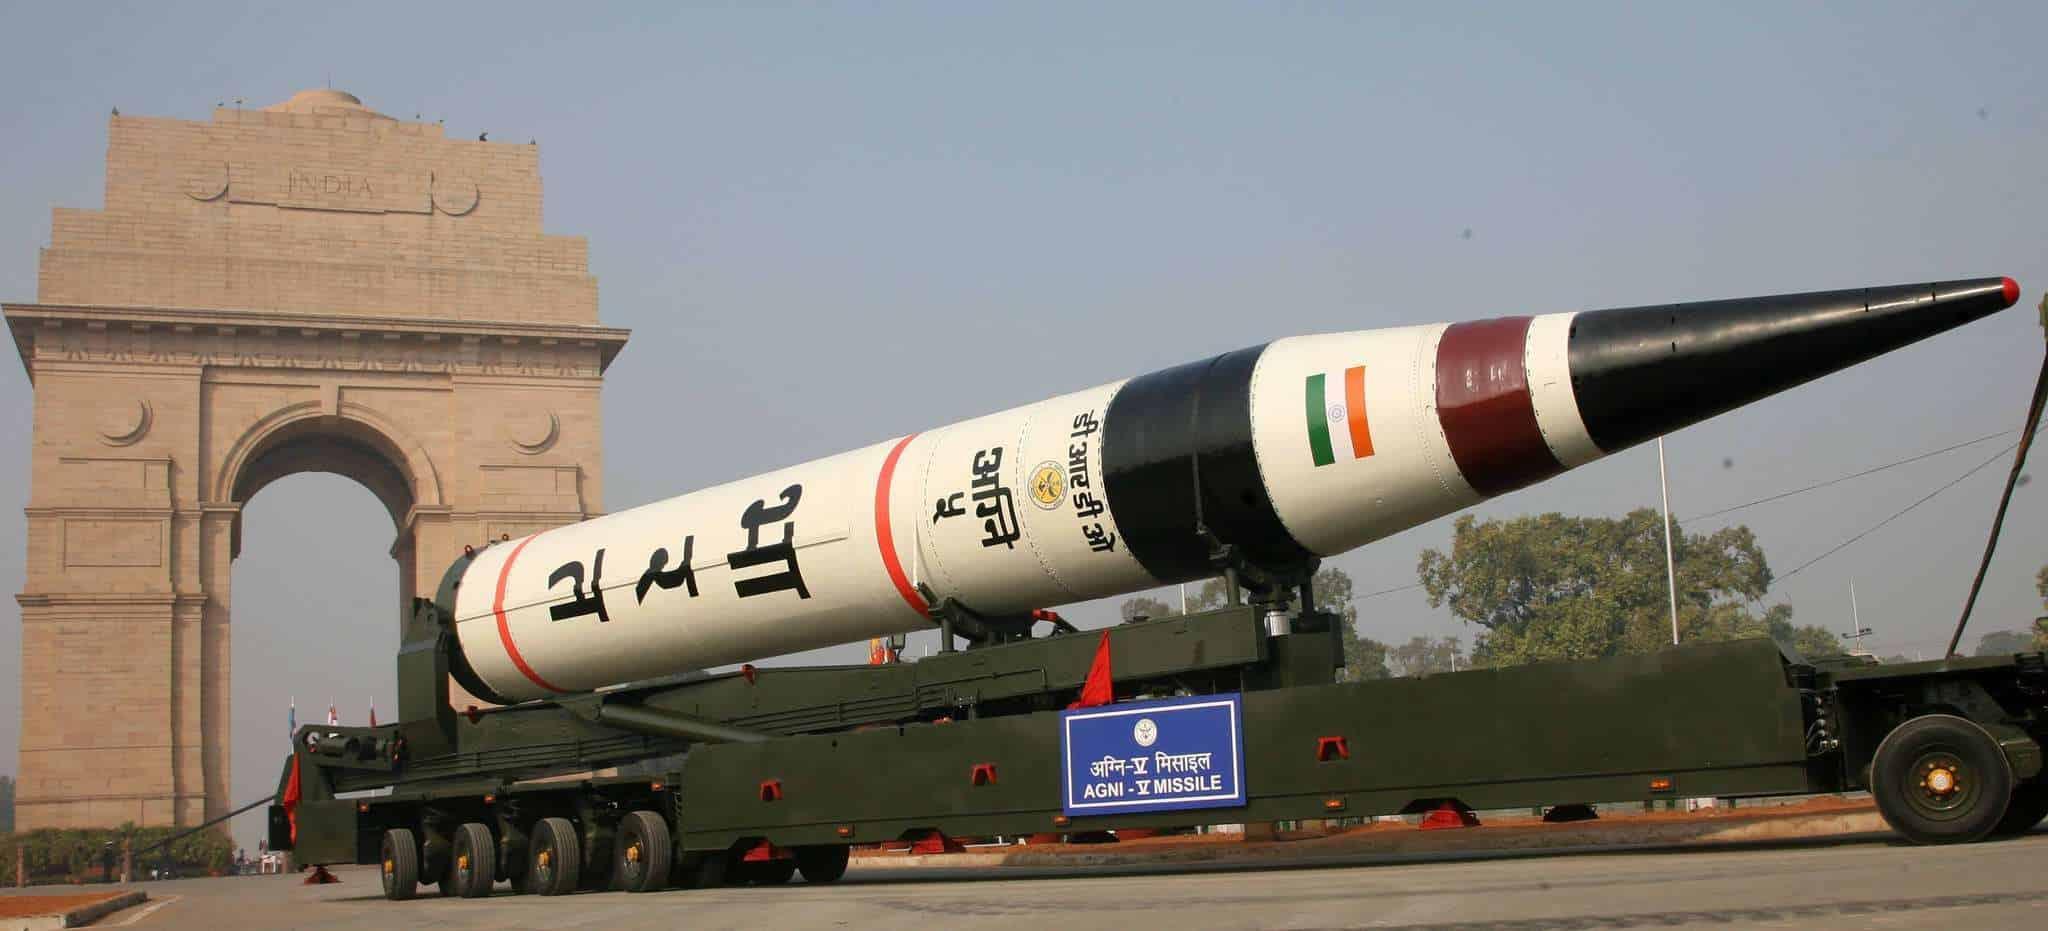 这枚导弹可带核弹头,但想比肩中国还差得远